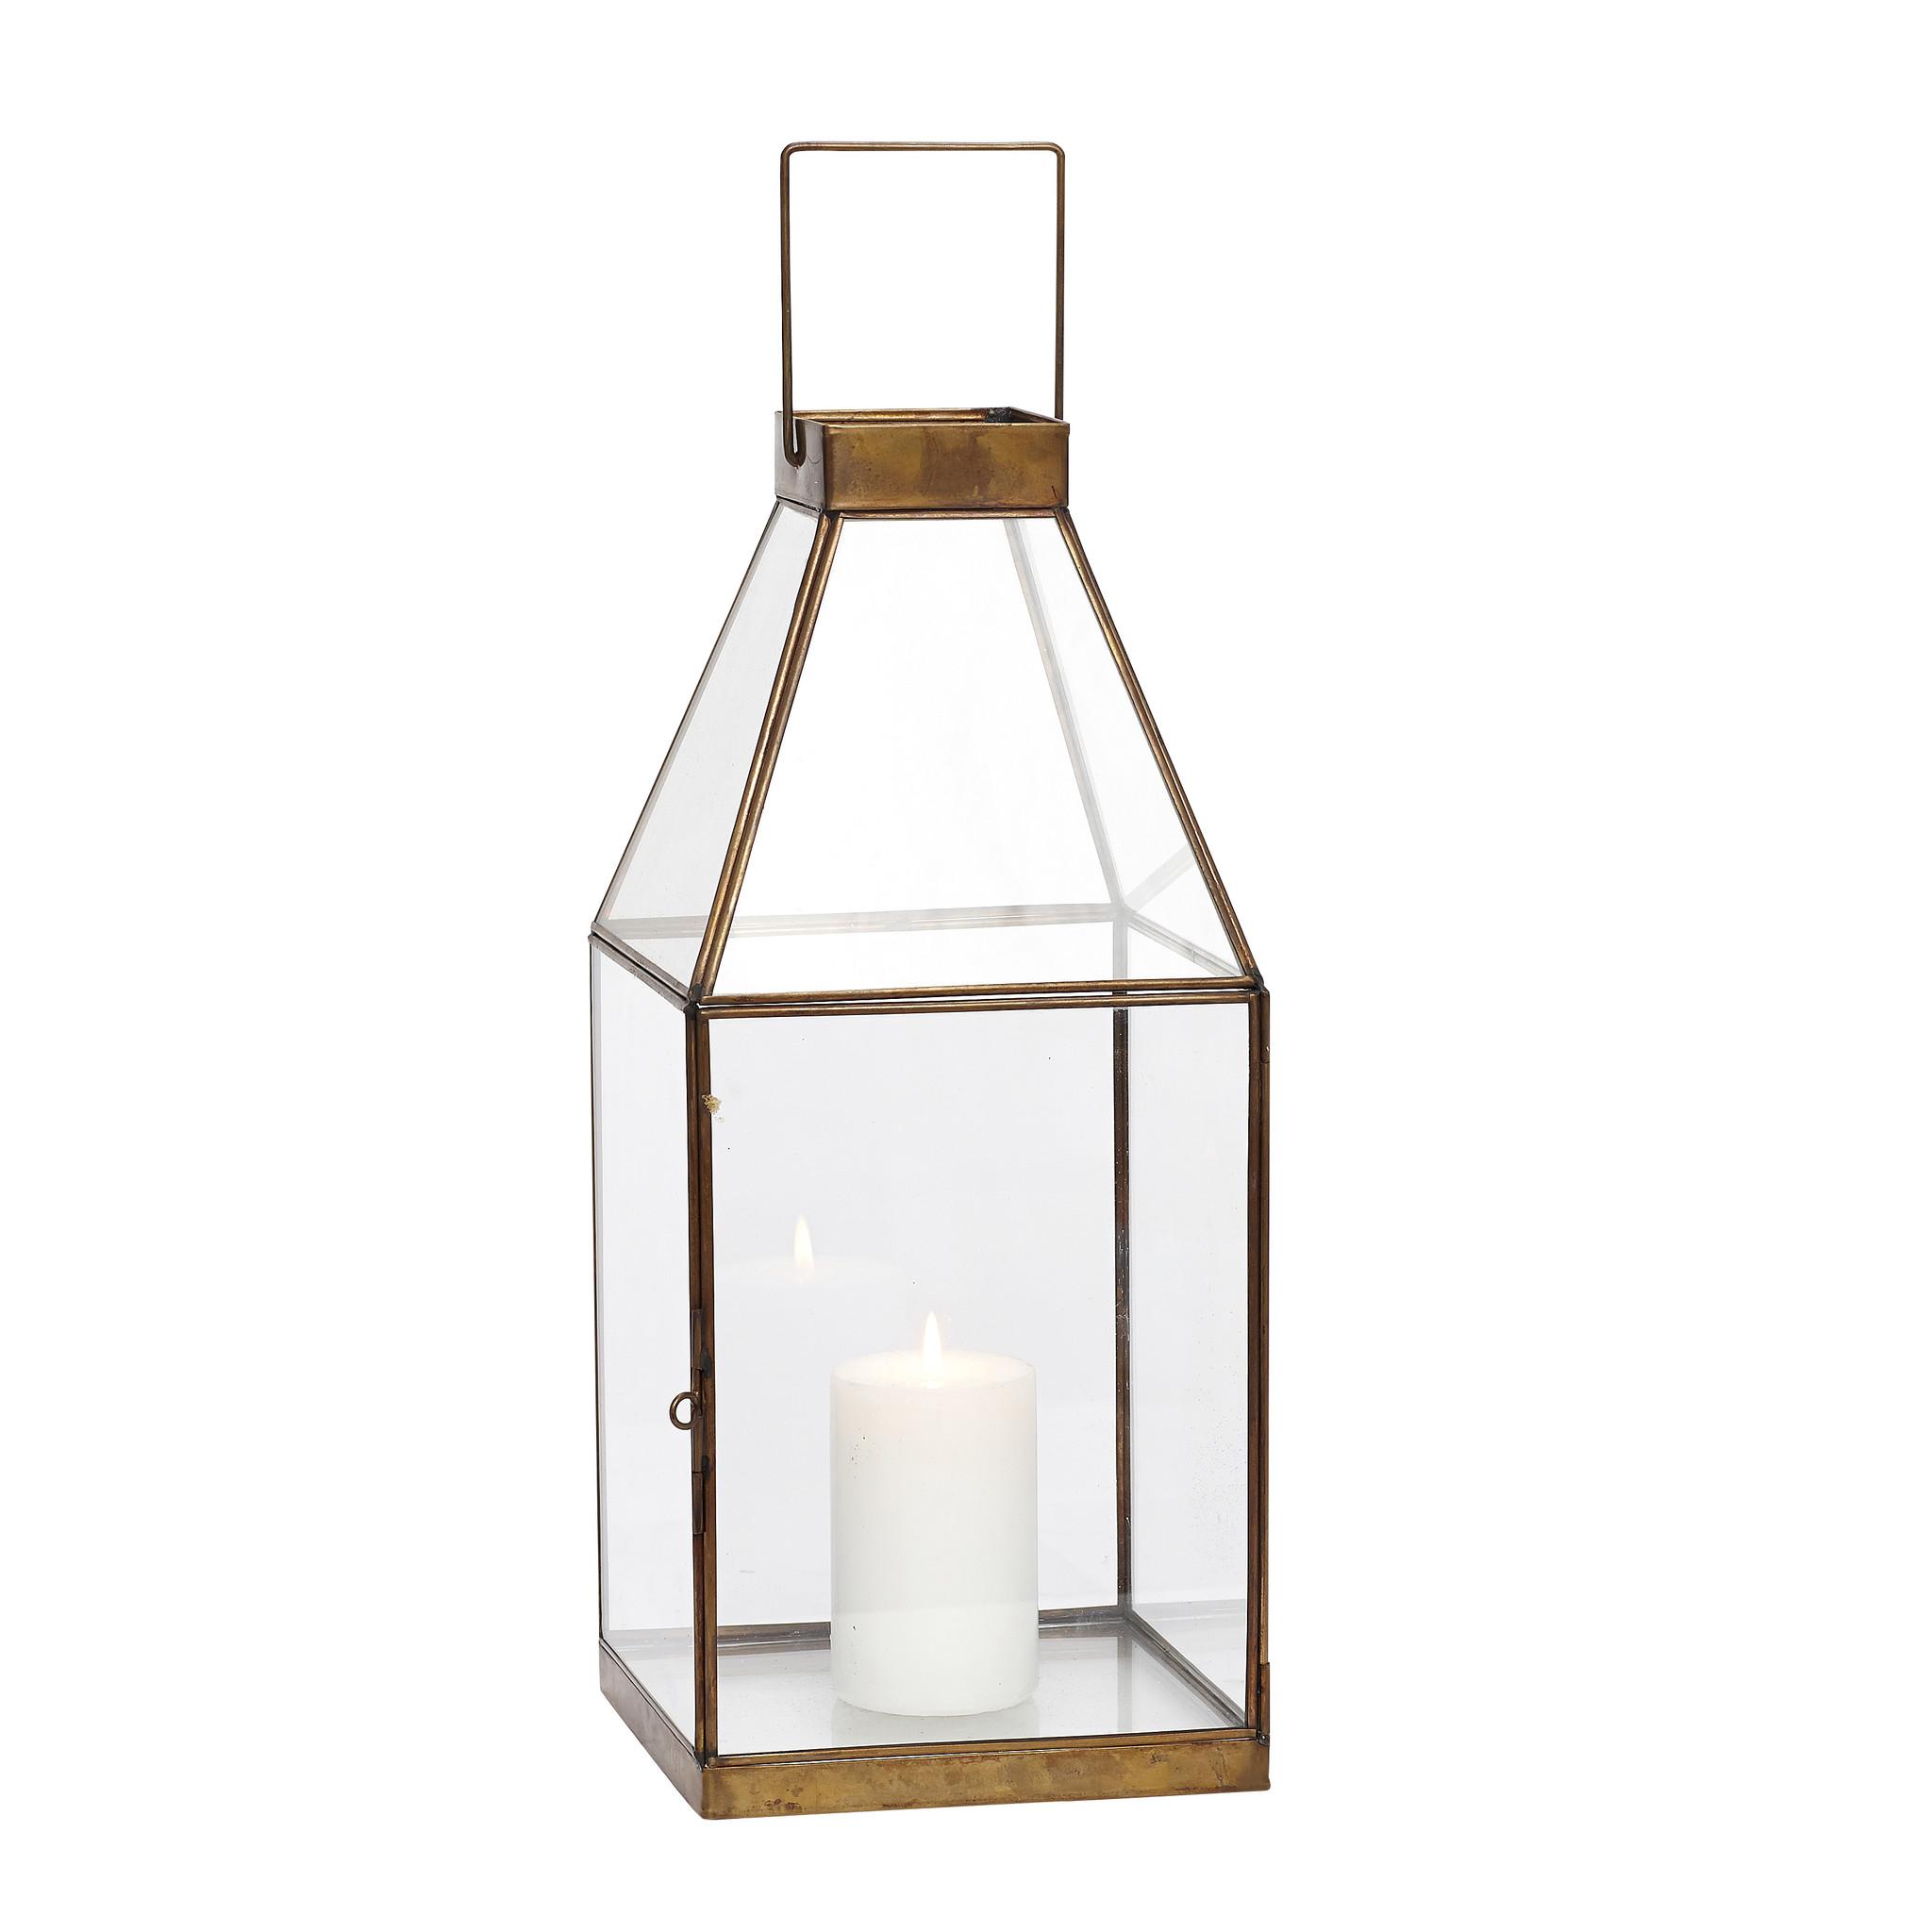 Hubsch Lantaarn, vierkant, messing / glas, klein-317004-5712772031537